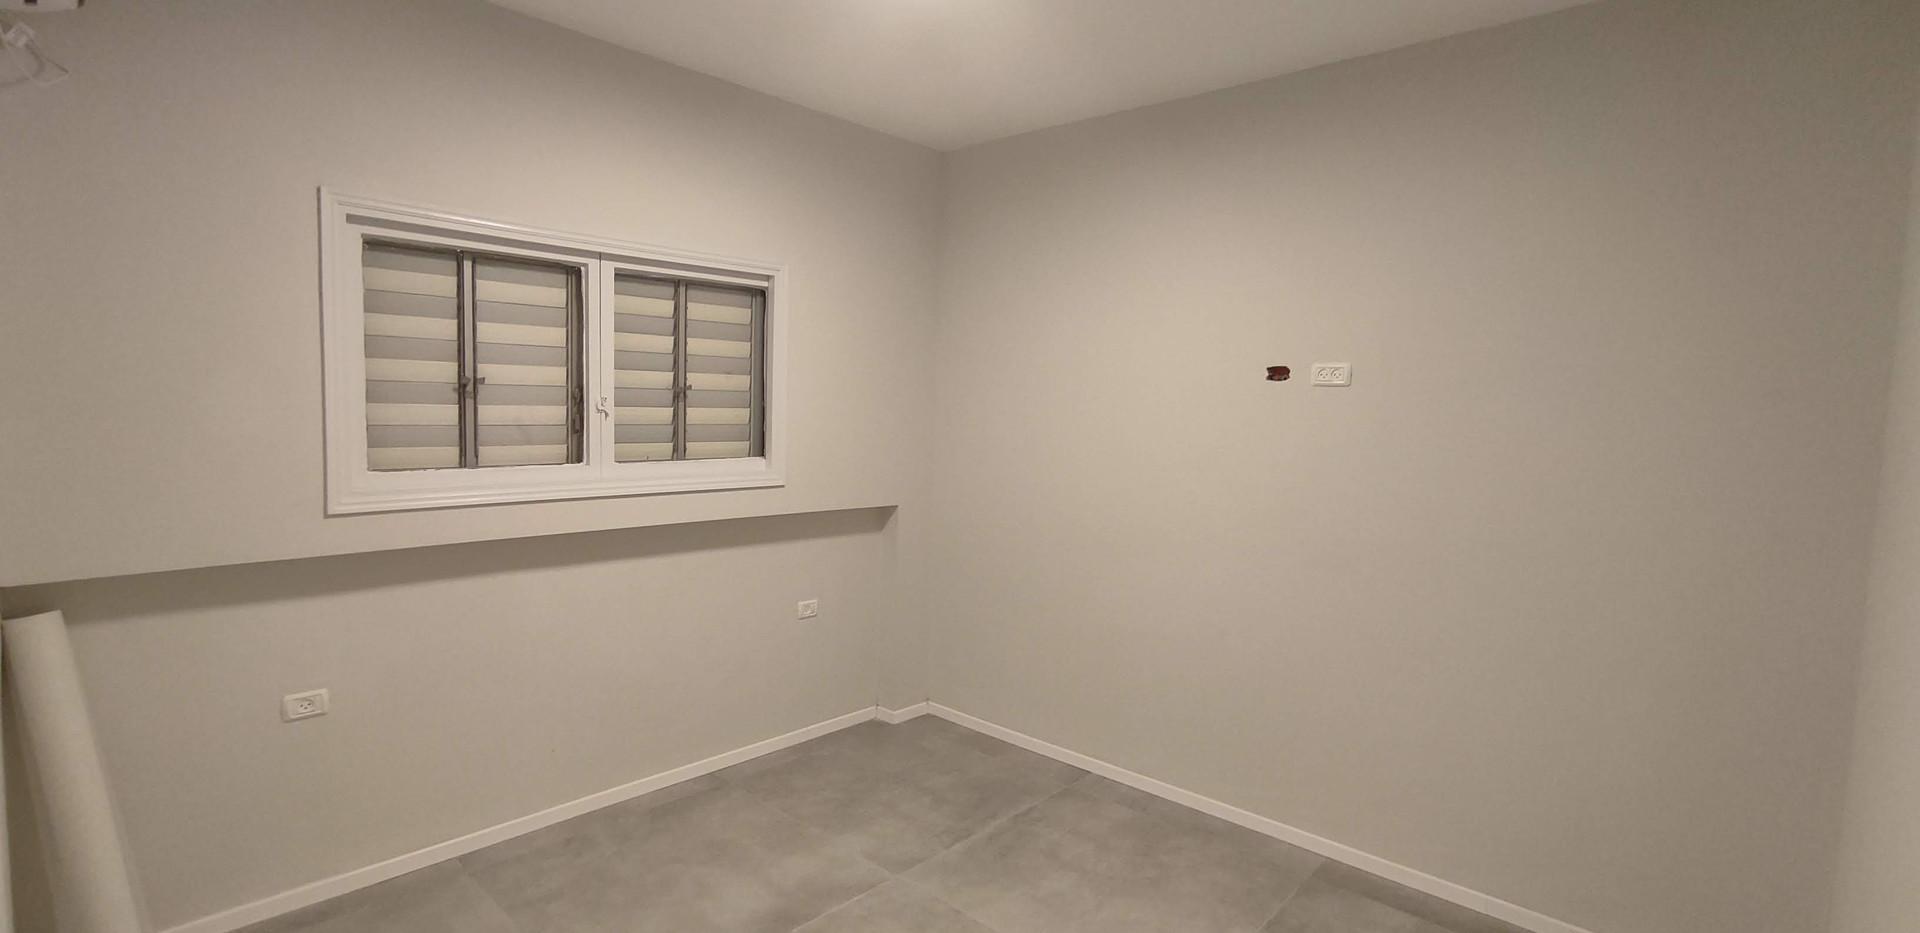 tlv apartmetns